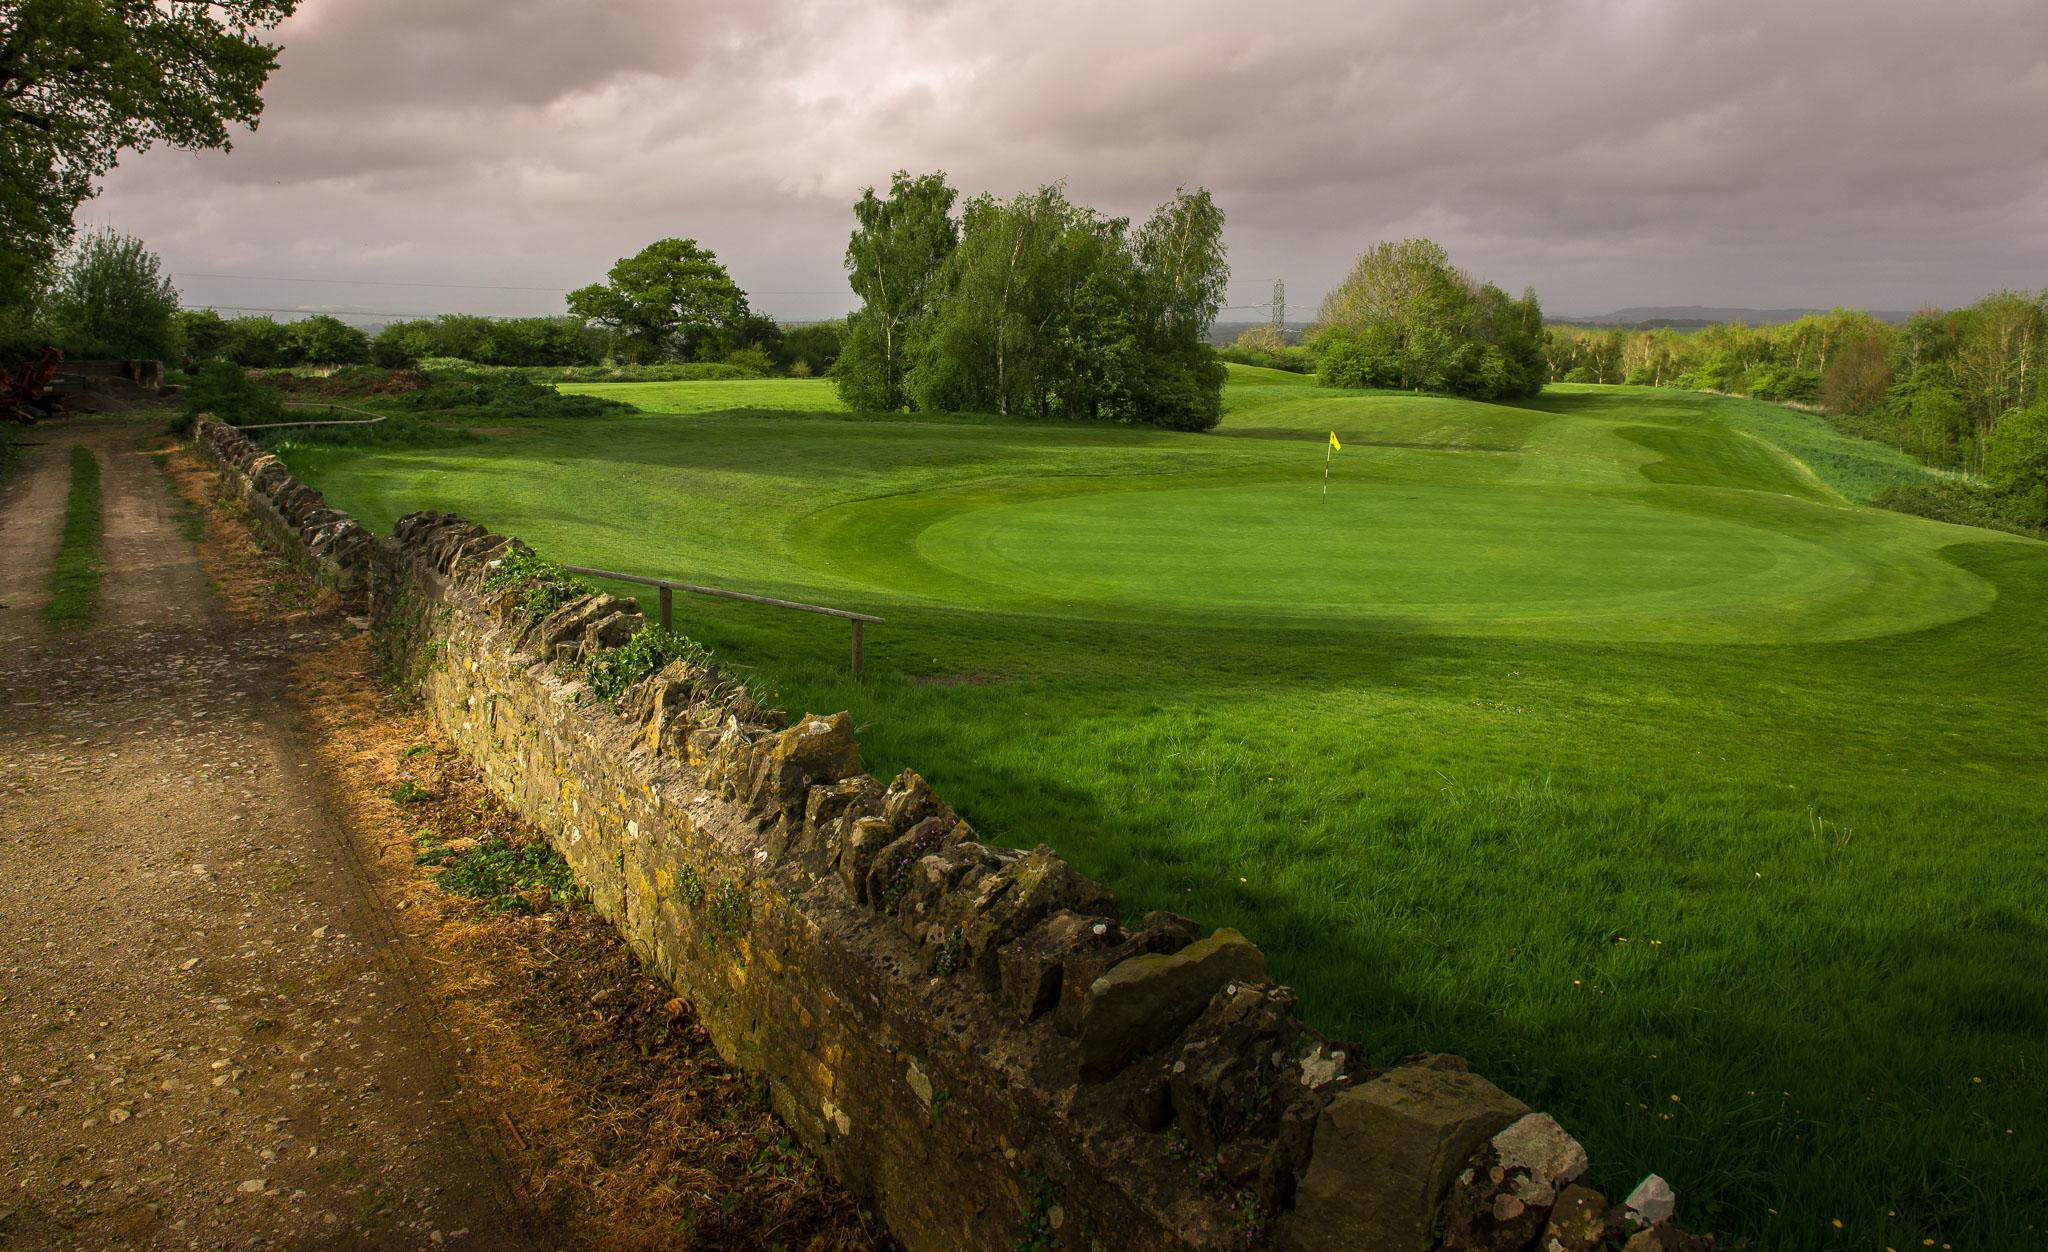 BGL_Thornbury_GolfCourse_AndyHiseman_72dpi_EmailWeb-6.jpg